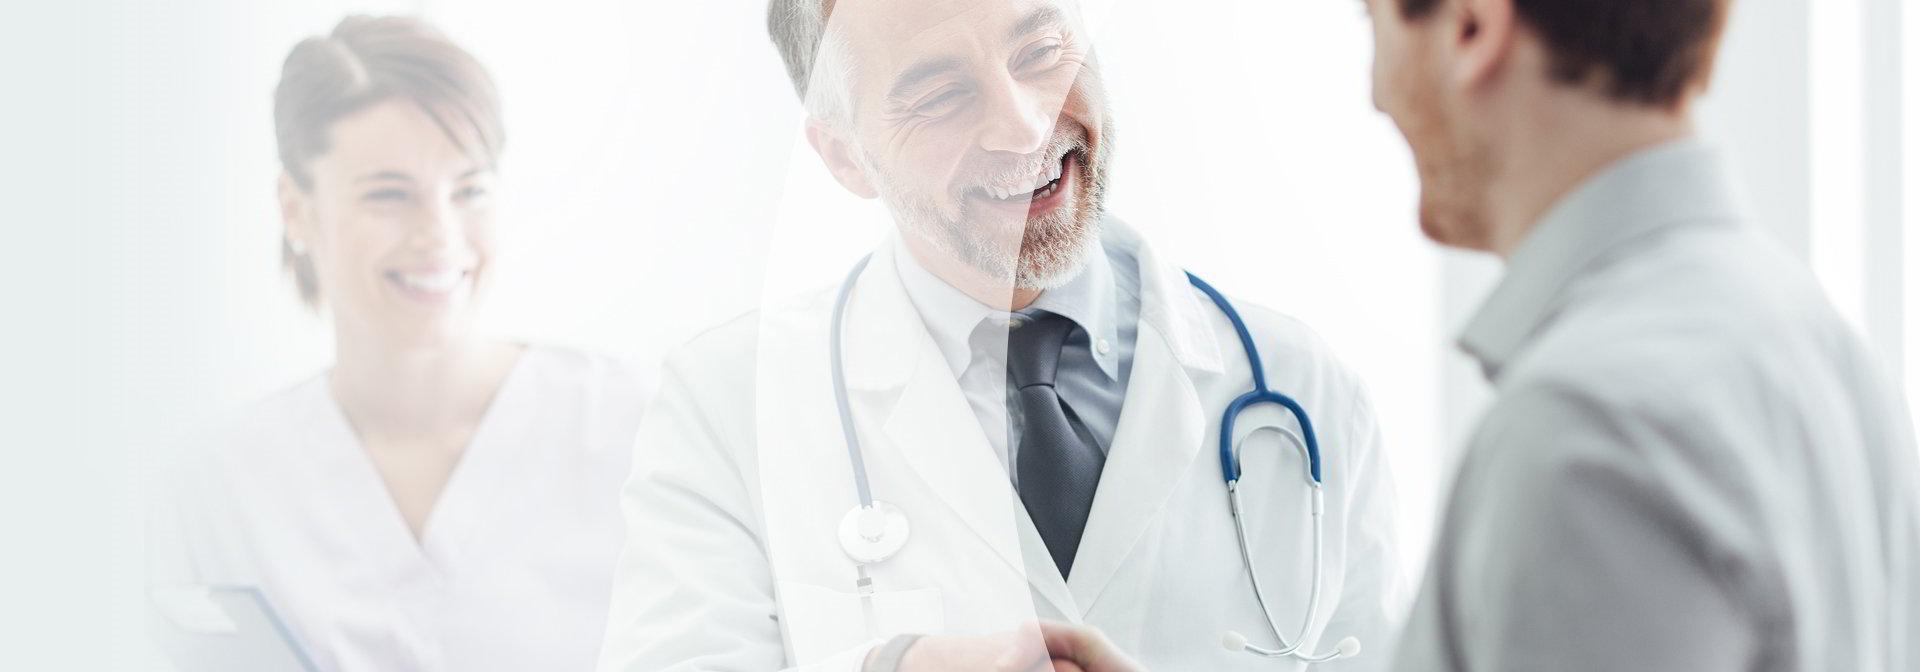 Votre service de santé au travail Simetra